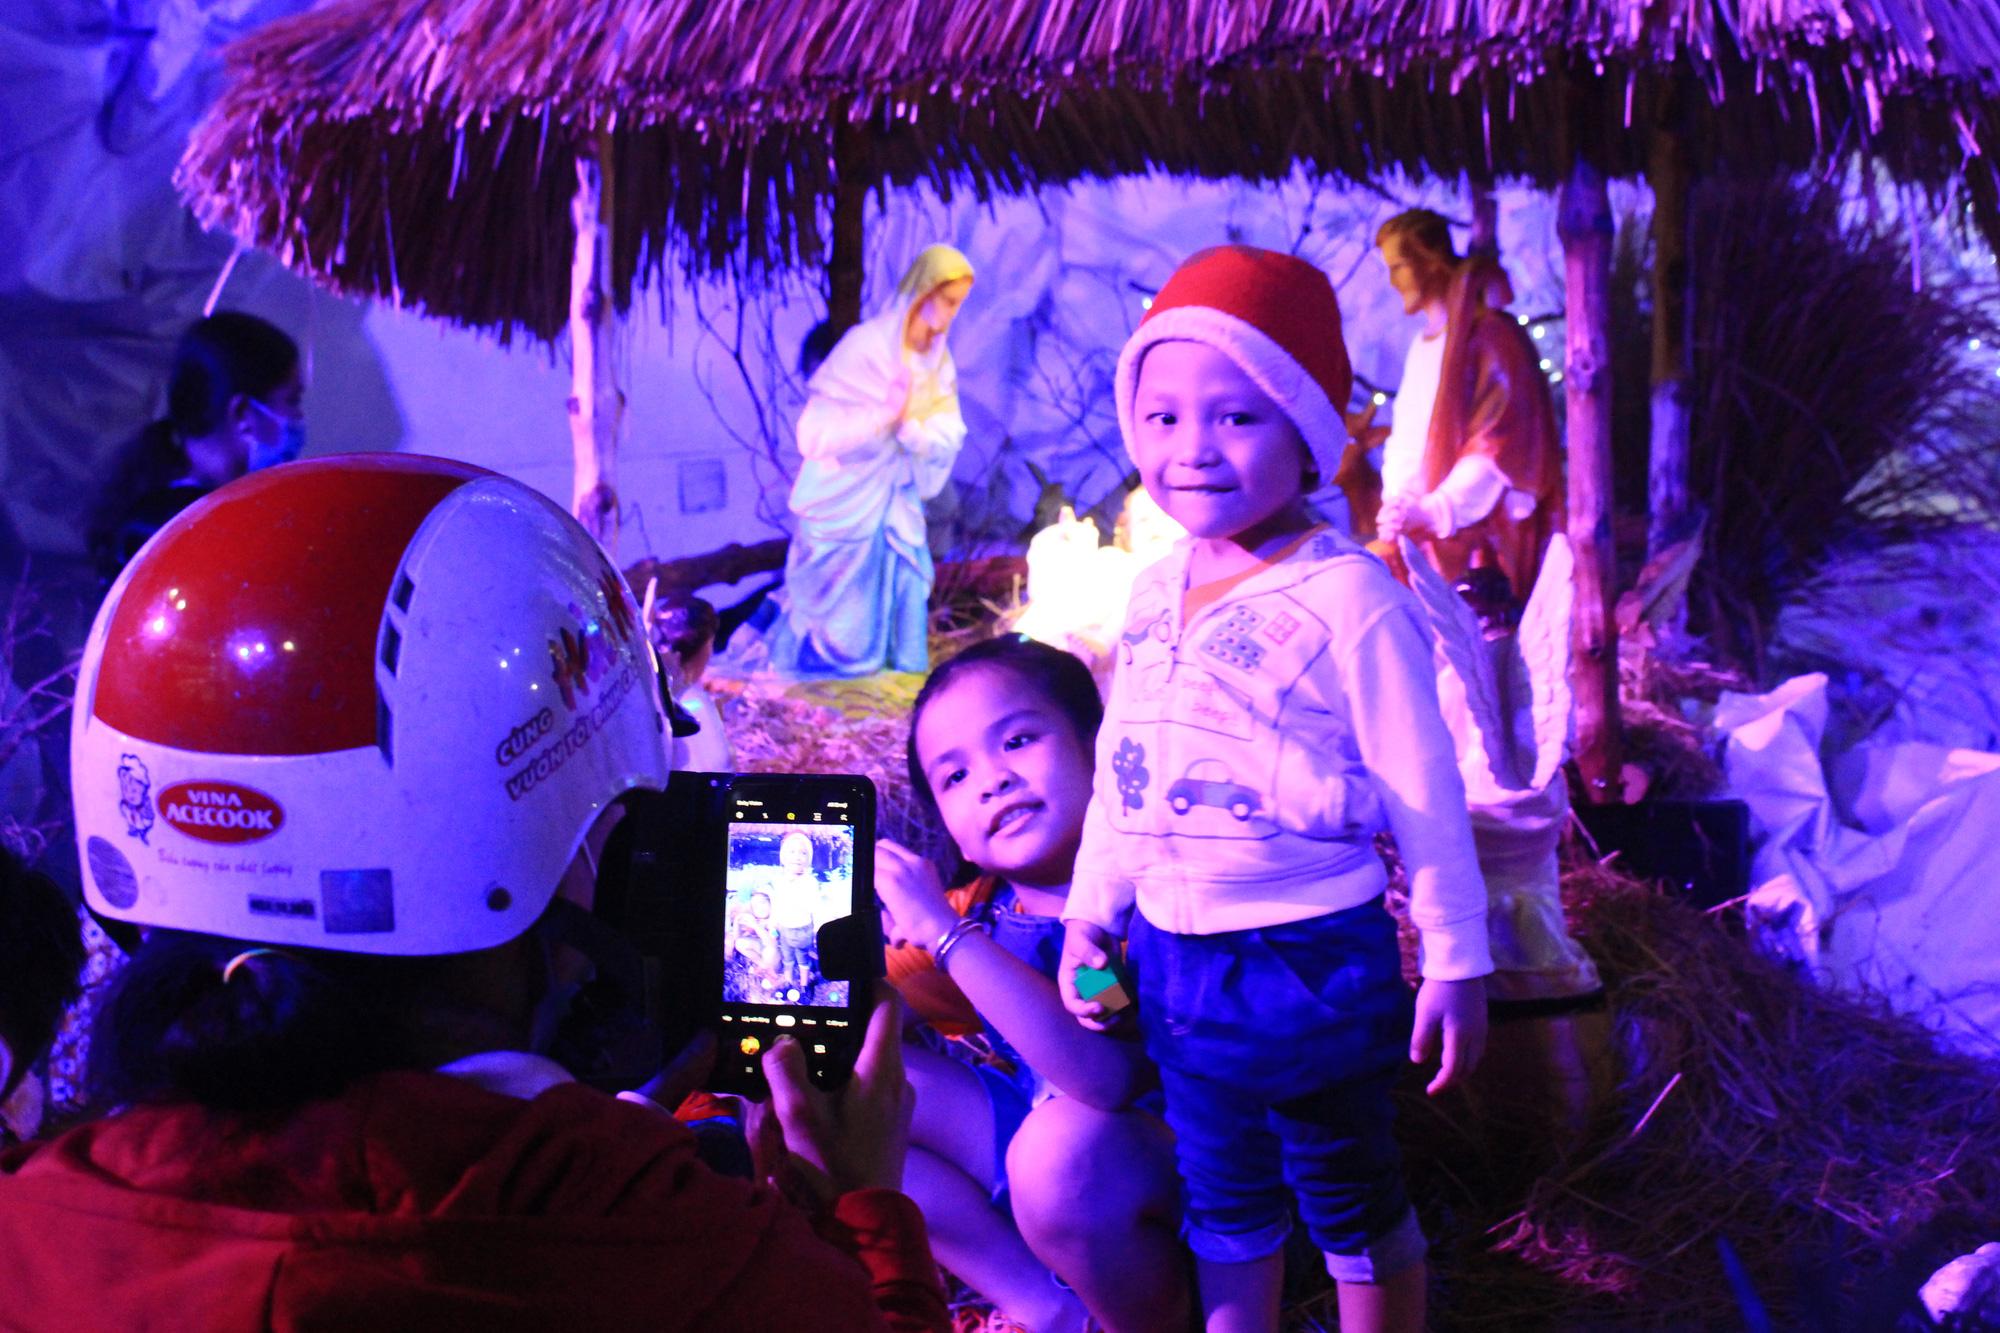 Đường Sài Gòn tắc nghẽn, người dân đổ xô đi chơi Giáng sinh - Ảnh 4.